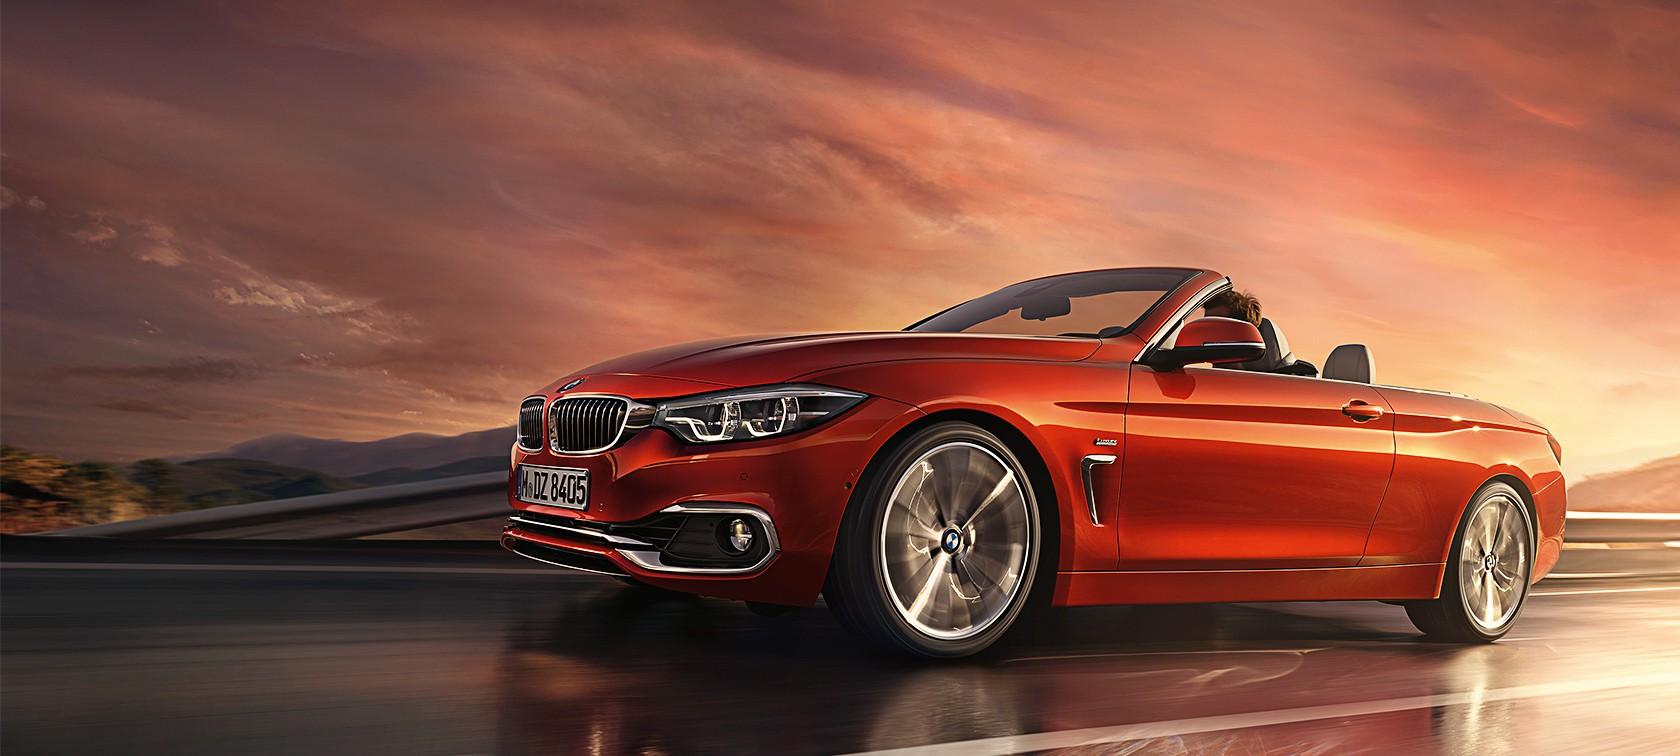 Firme, dinámico y deportivo, el nuevo BMW Serie 4 Cabrio equilibra la elegancia con la filosofía de renovación de la marca, disfrutando del aire fresco ambiental.